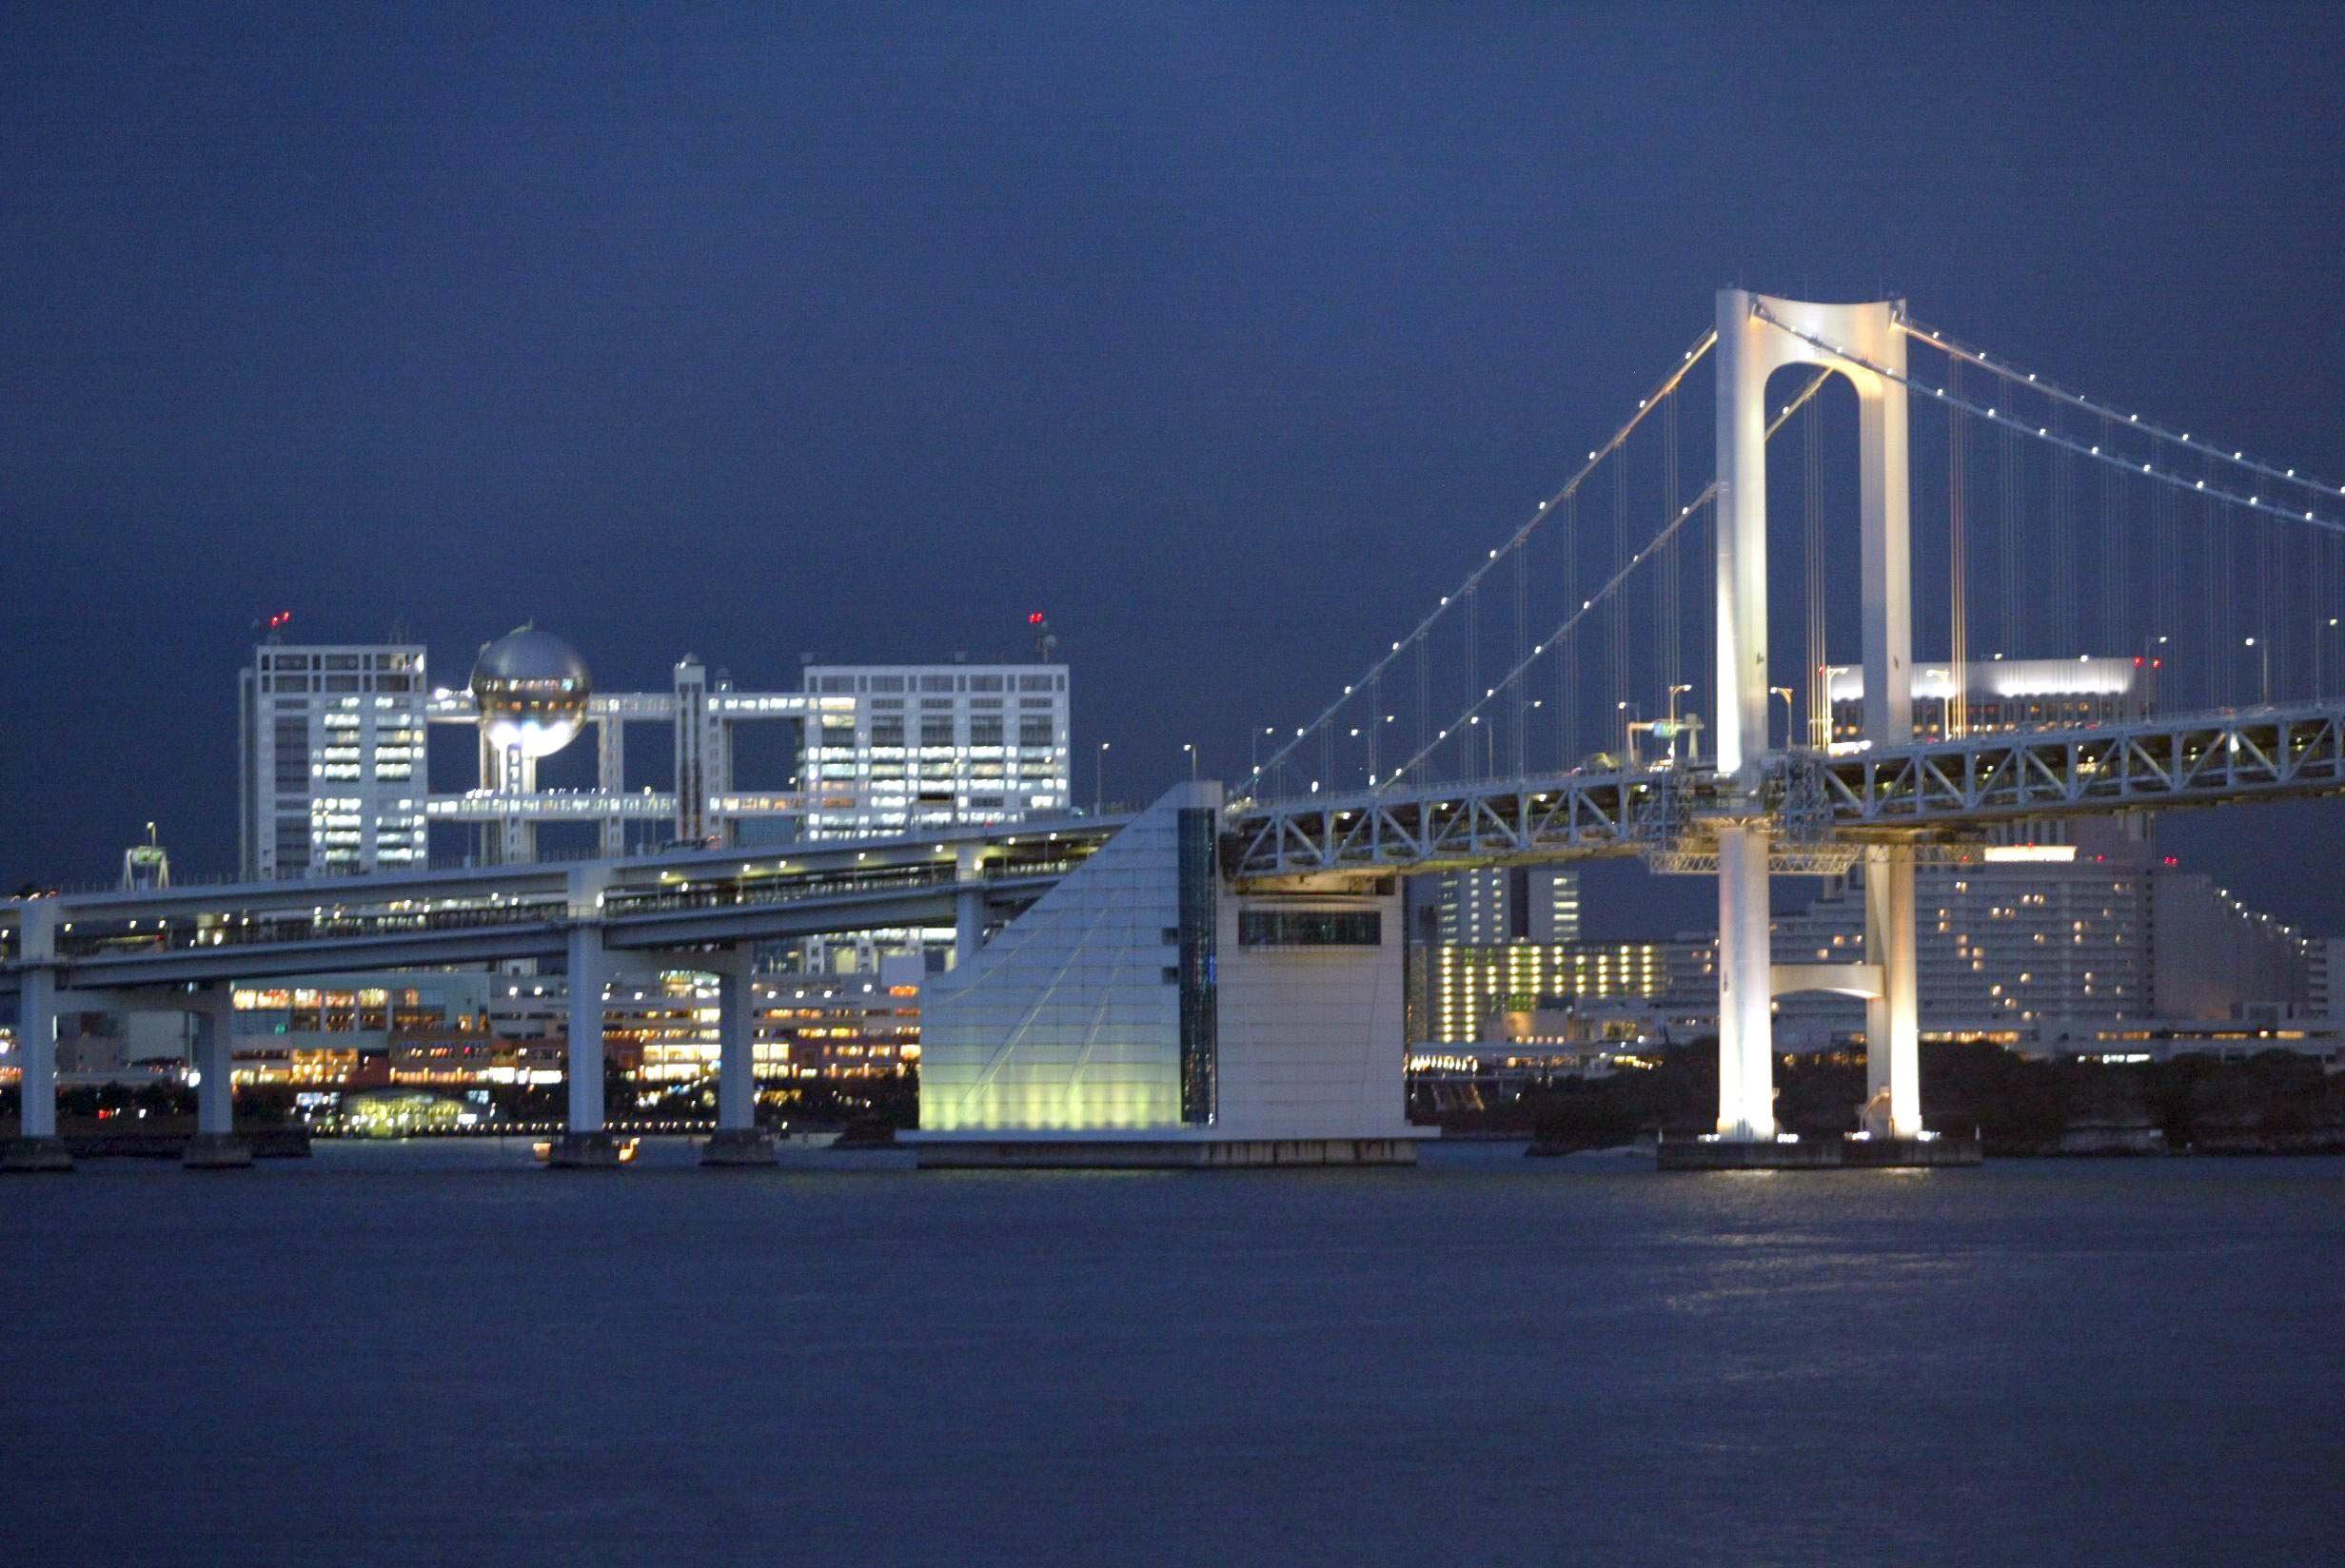 PORT OF TOKYO AND AKASHI KAIKYO SUSPENSION BRIDGE